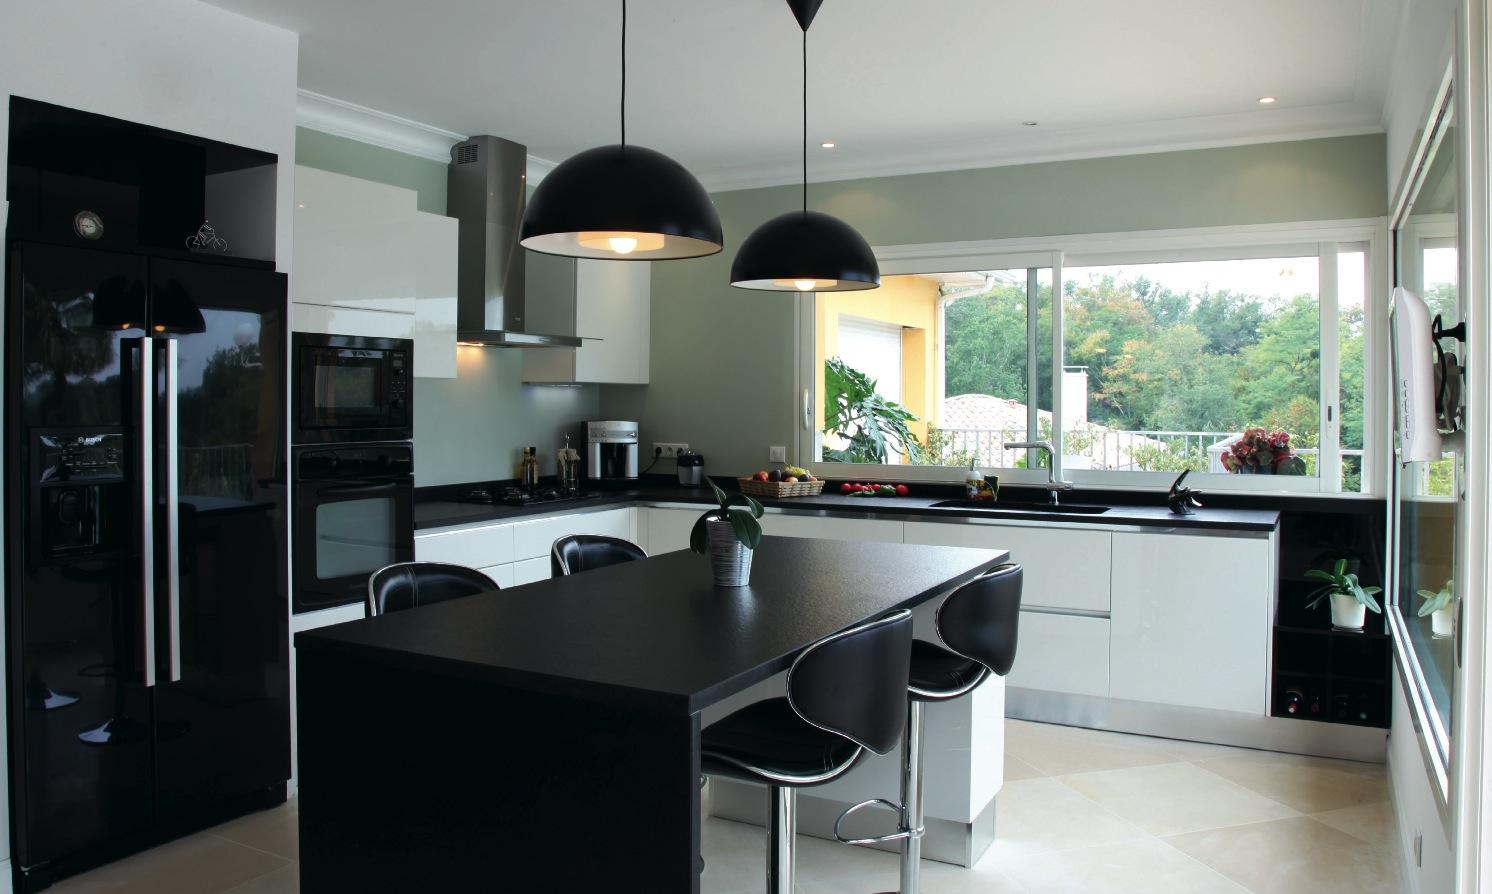 Meuble cuisine italienne fonds d 39 cran hd Cuisine design italienne